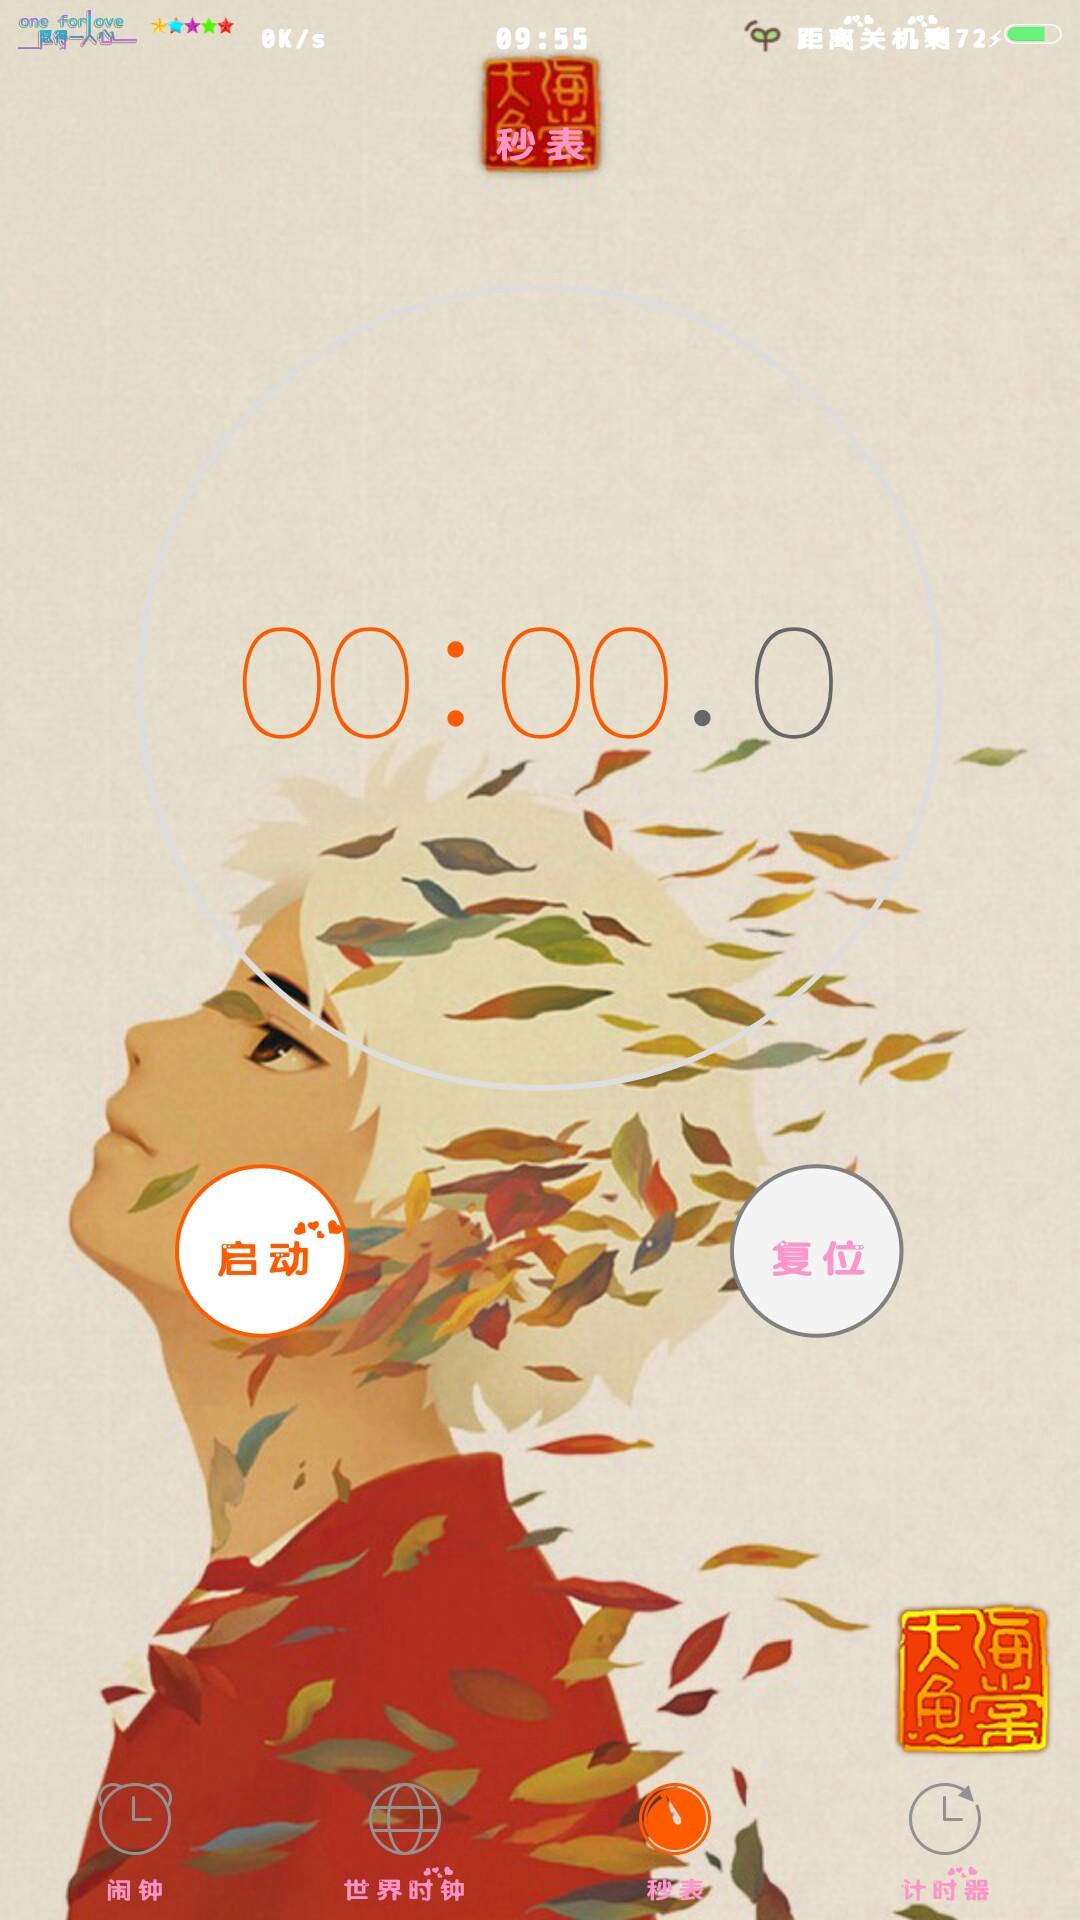 5可用 大鱼海棠-手机主题-vivo智能手机v粉